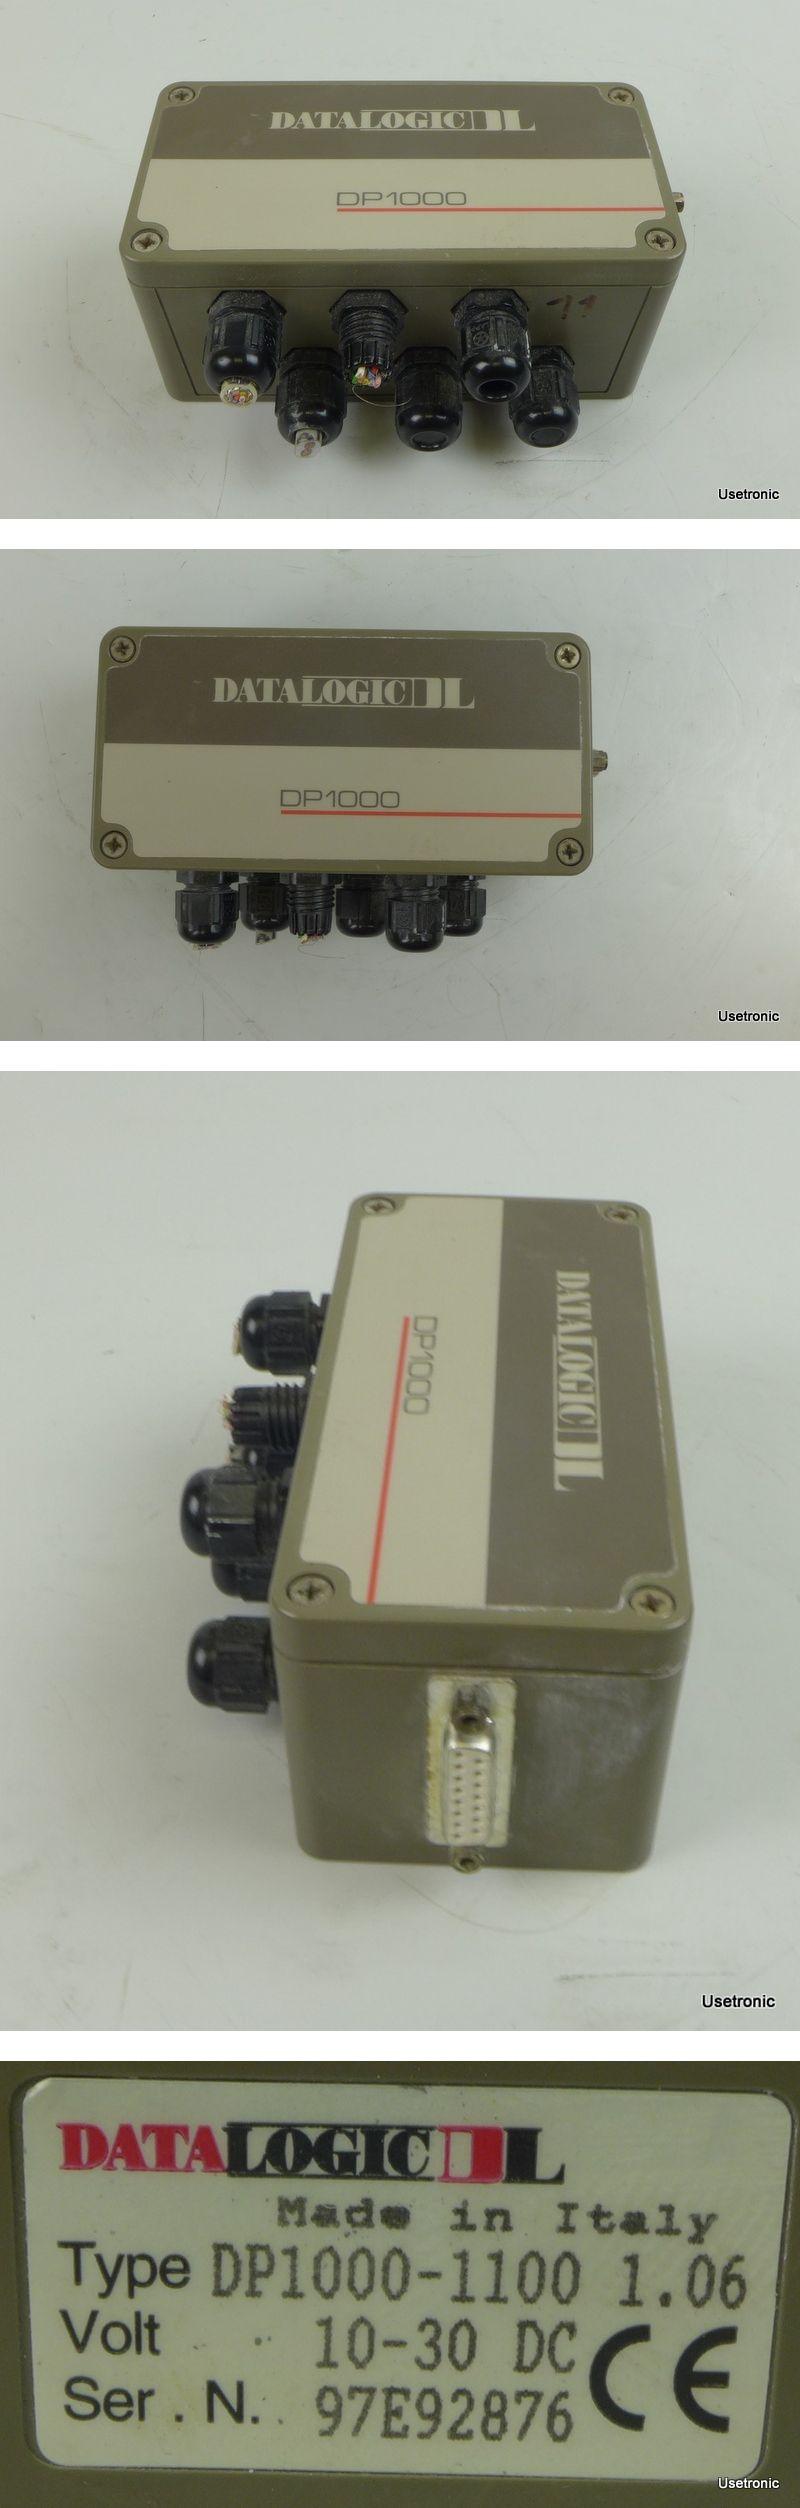 Datalogic DP1000-1100